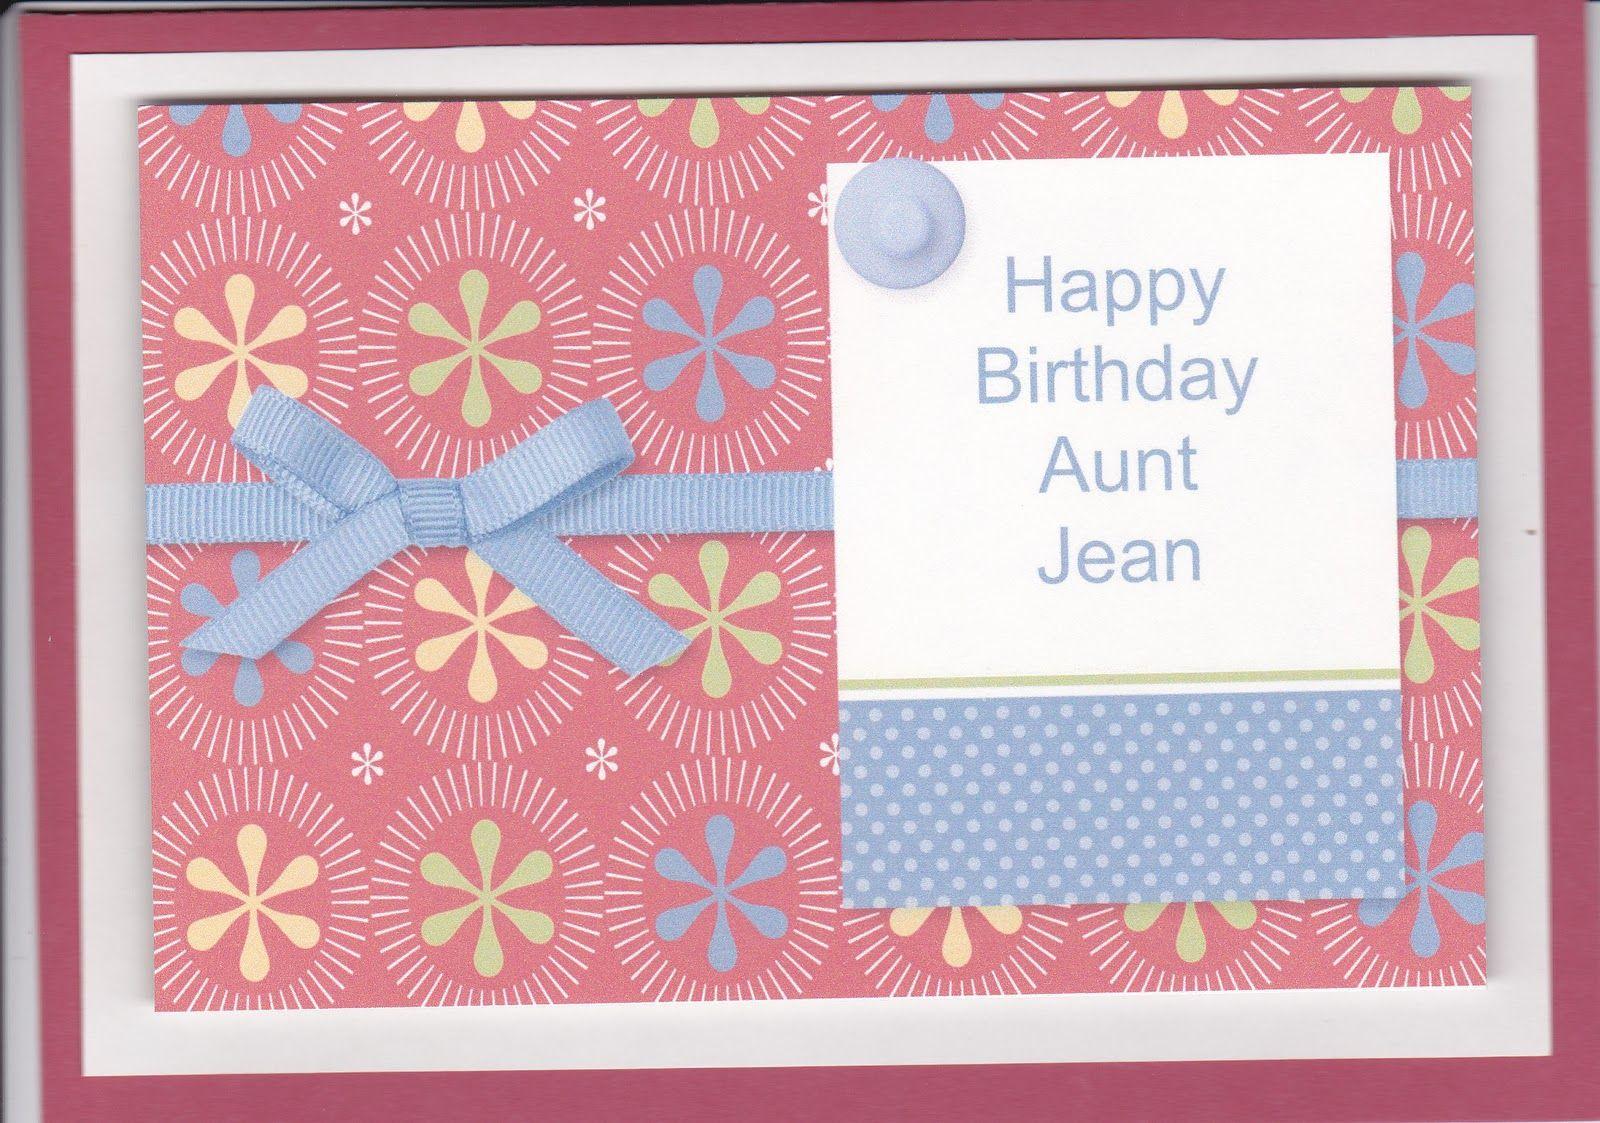 Happy birthday aunt jean free download birthday card for aunt happy birthday aunt jean free download birthday card for aunt this time thought making hd altavistaventures Choice Image